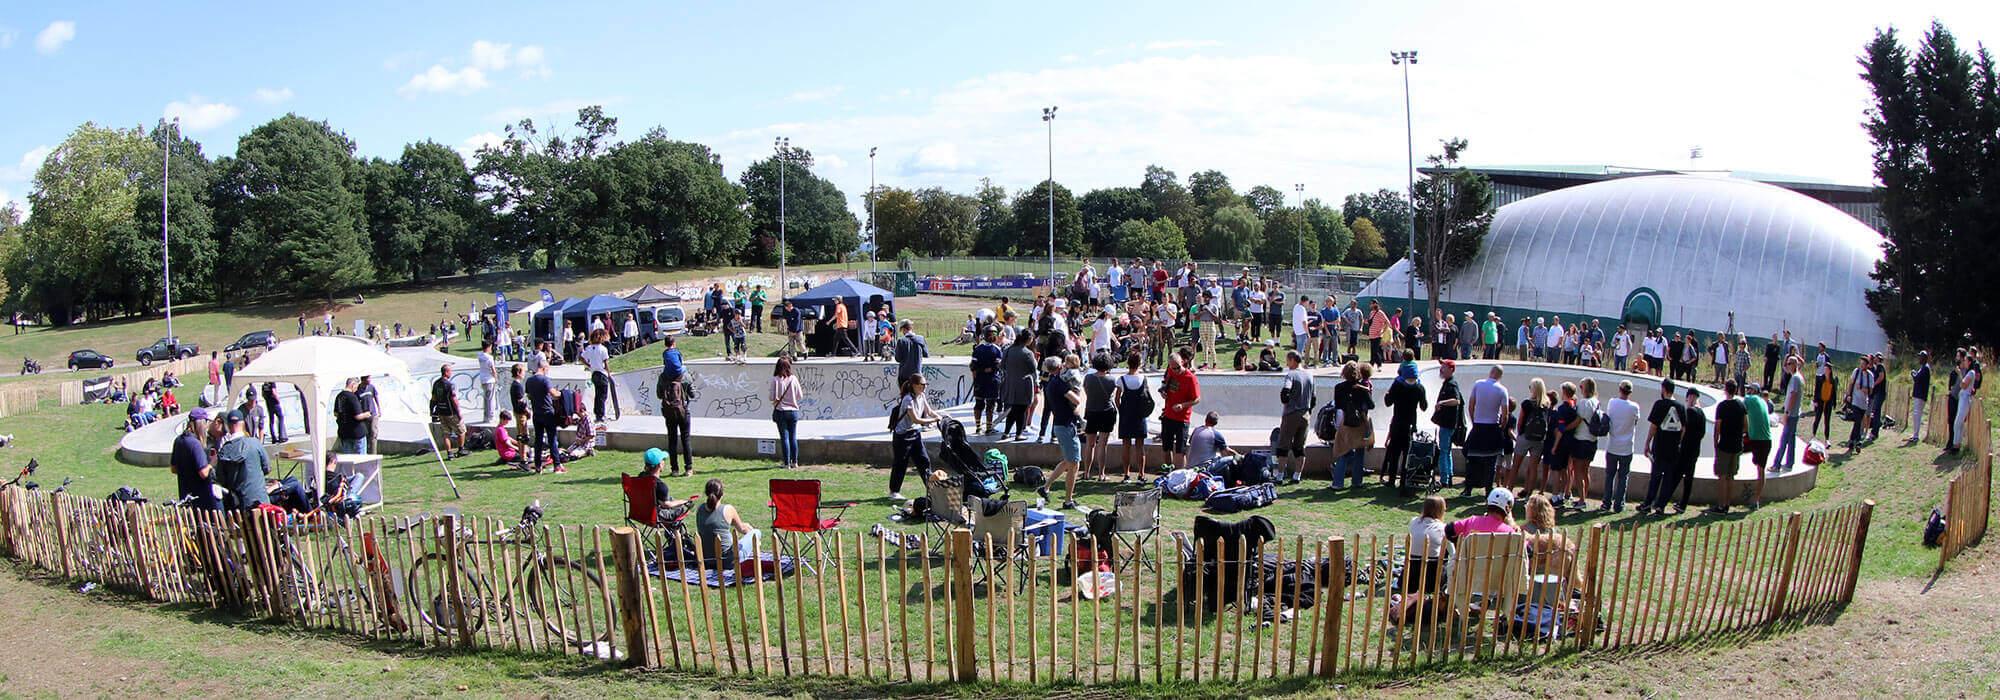 Der Summer Jam im Crystal-Palace-Park. Mit freundlicher Genehmigung von Iain Borden.